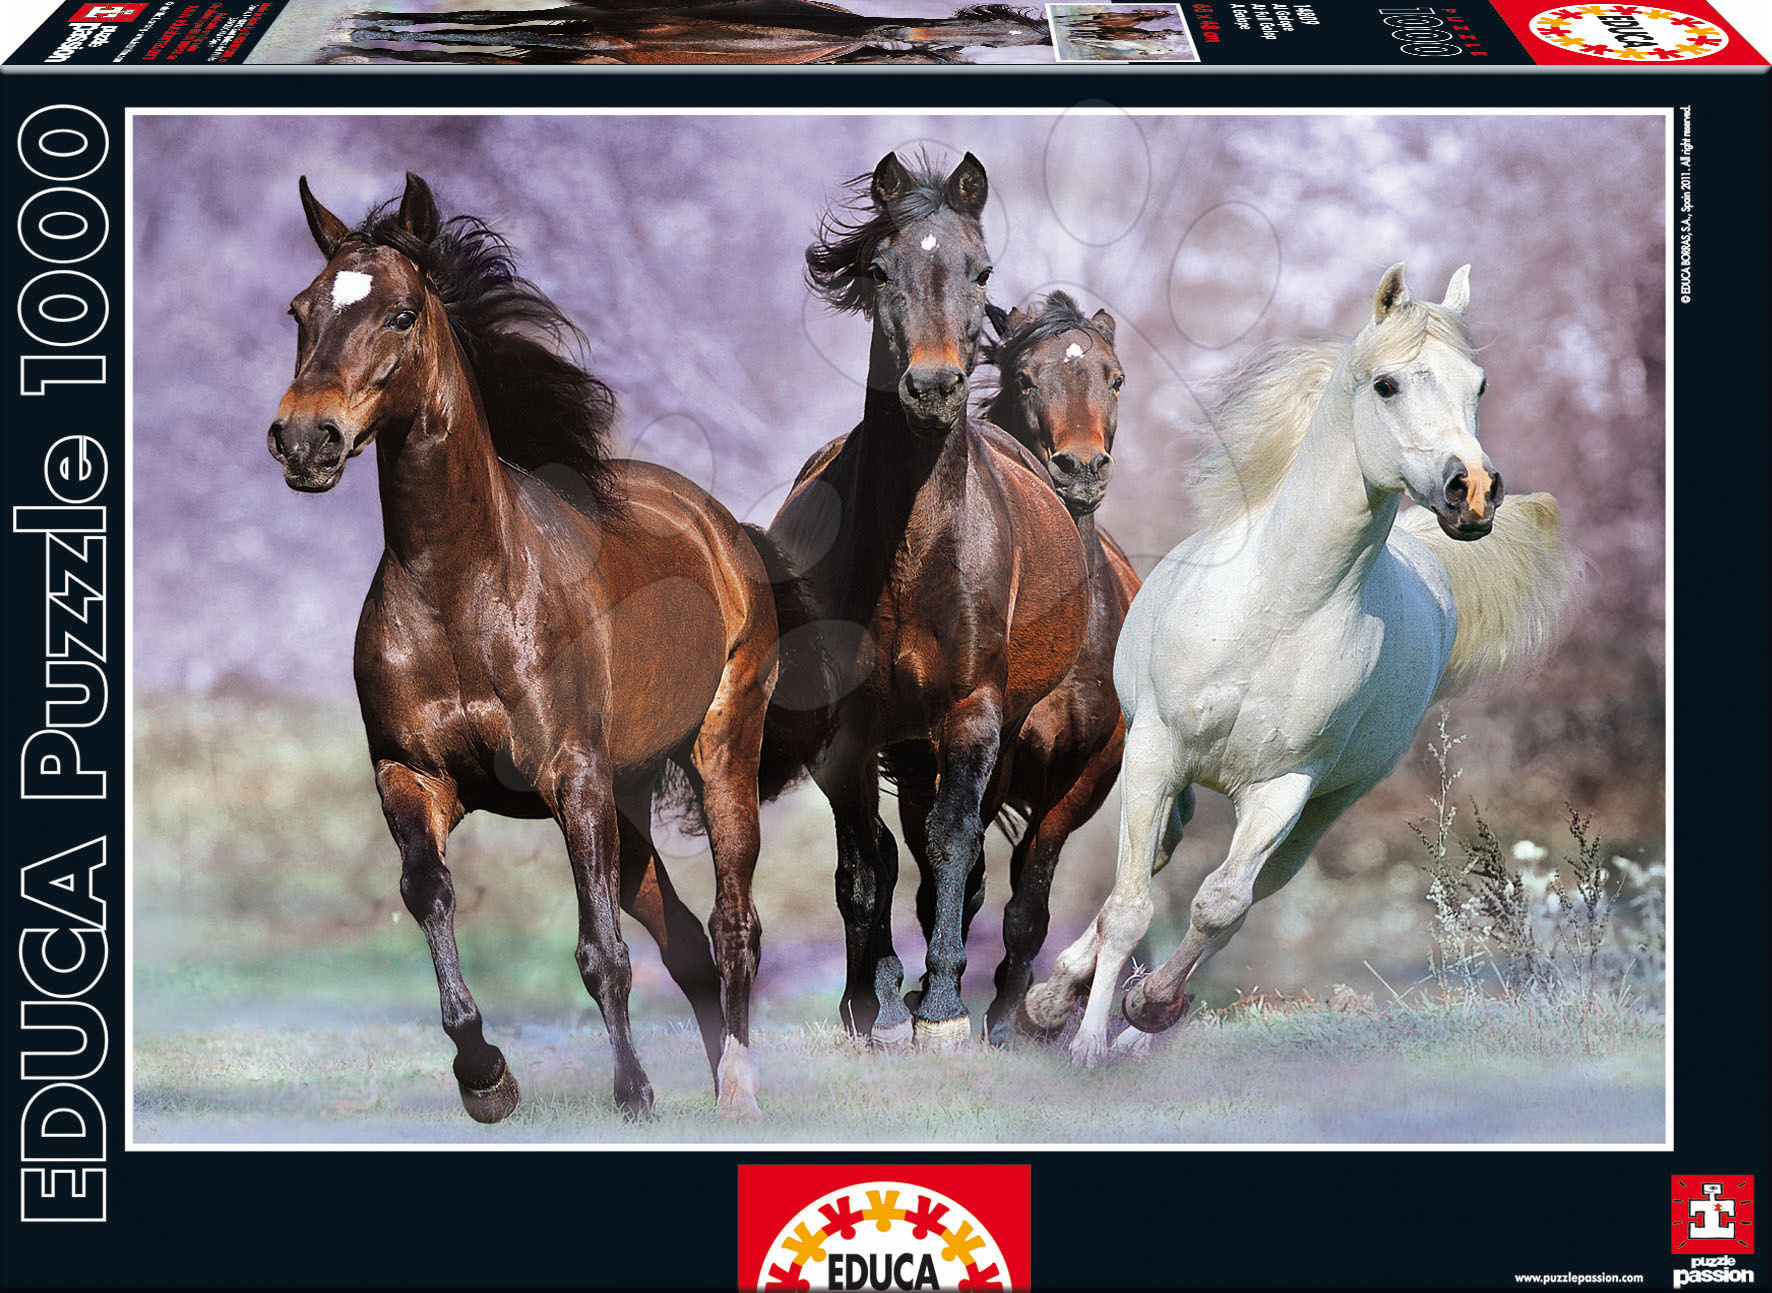 Educa 14809 PUZZLE 1000 delov Bežiace kone 68 x 48 cm+ FIX PUZZLE LEPILO od 12 leta